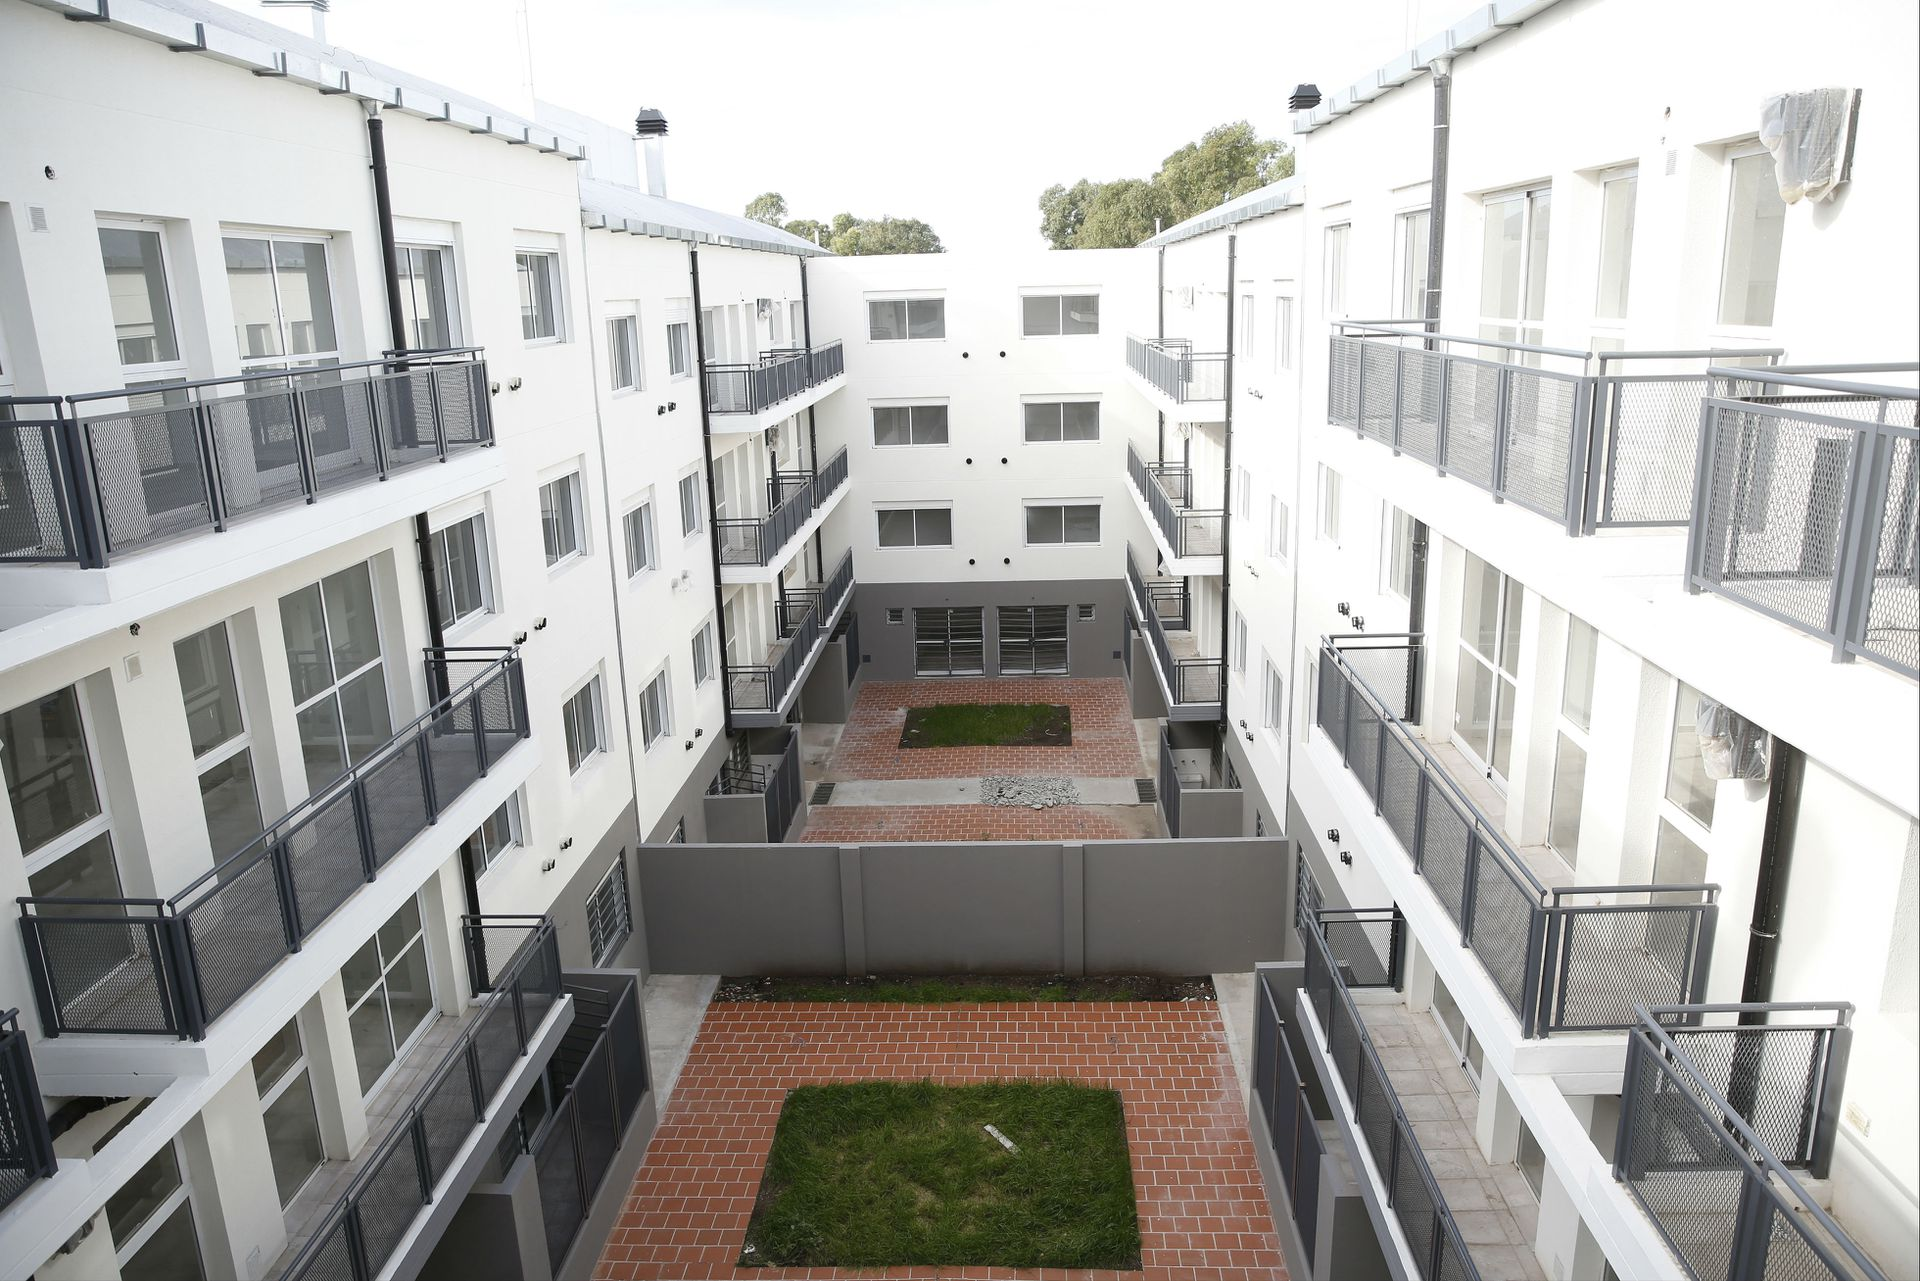 Los edificios tienen patios internos